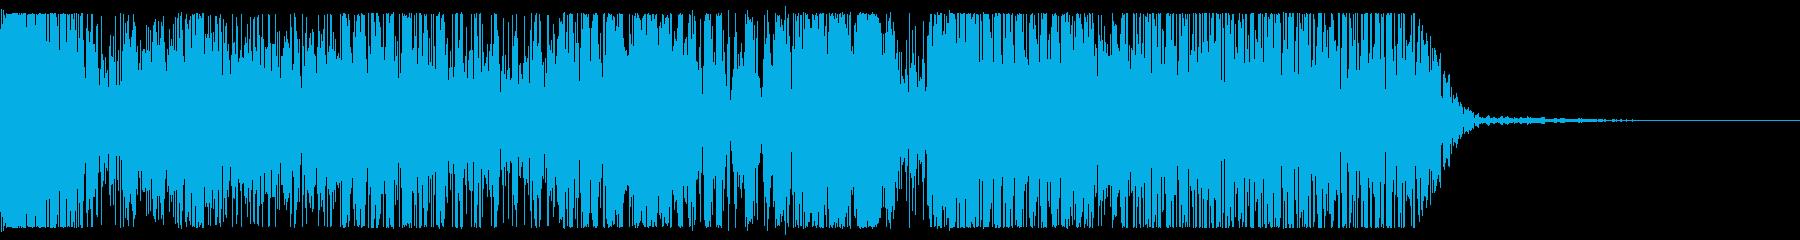 モーフグレインエクスプロージョン、...の再生済みの波形